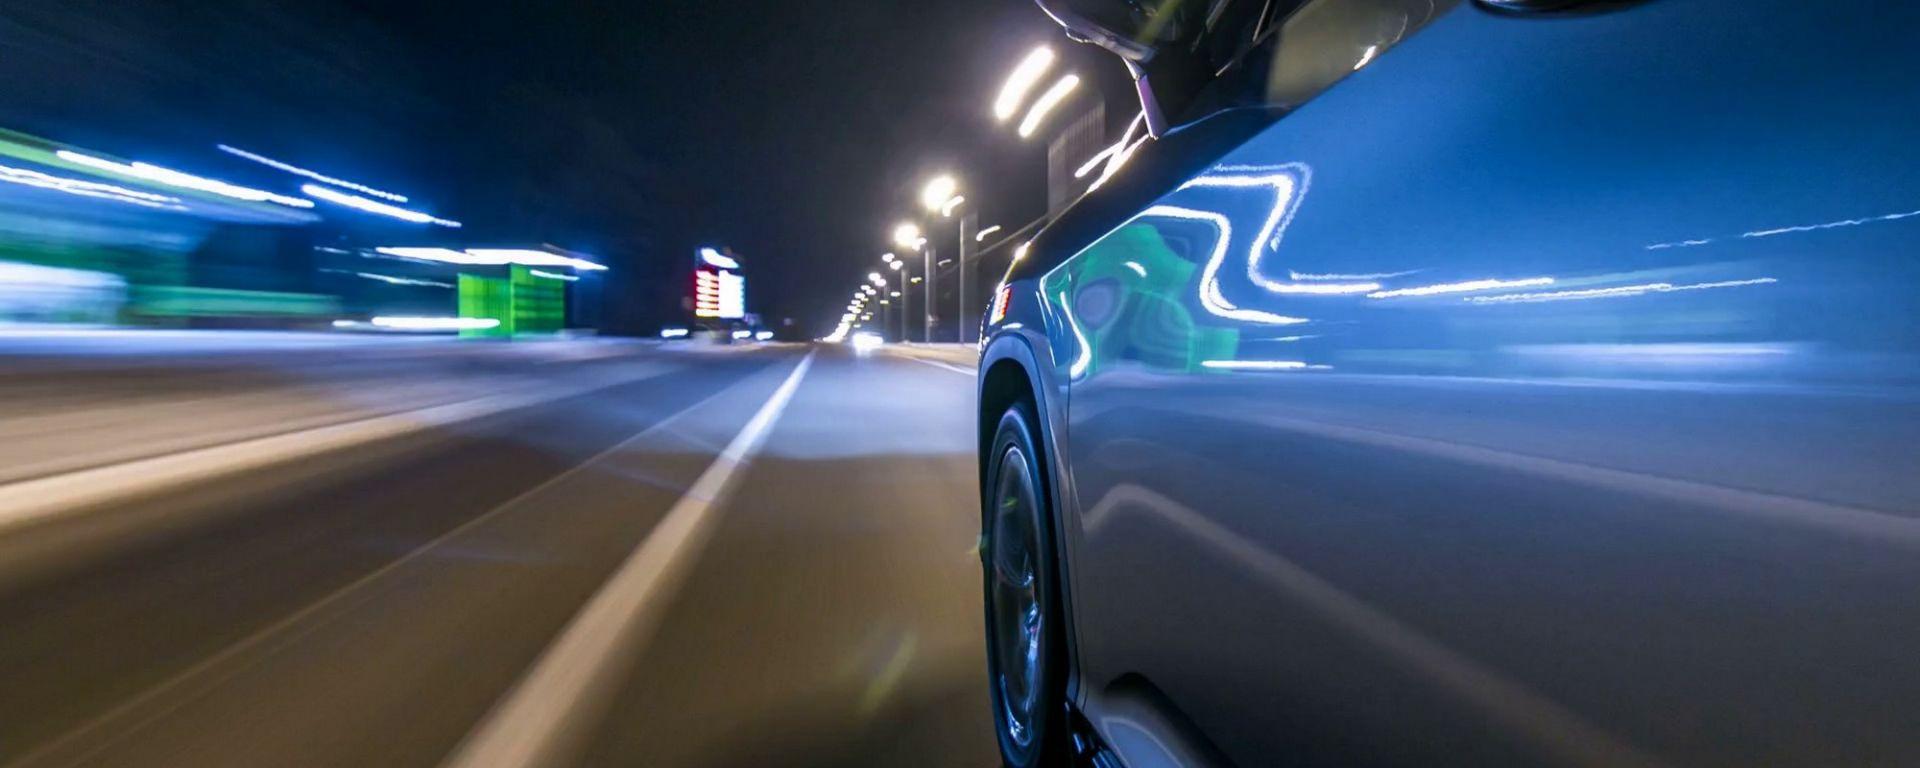 Limiti di velocità: in autostrada crescerà a 150 km/h?